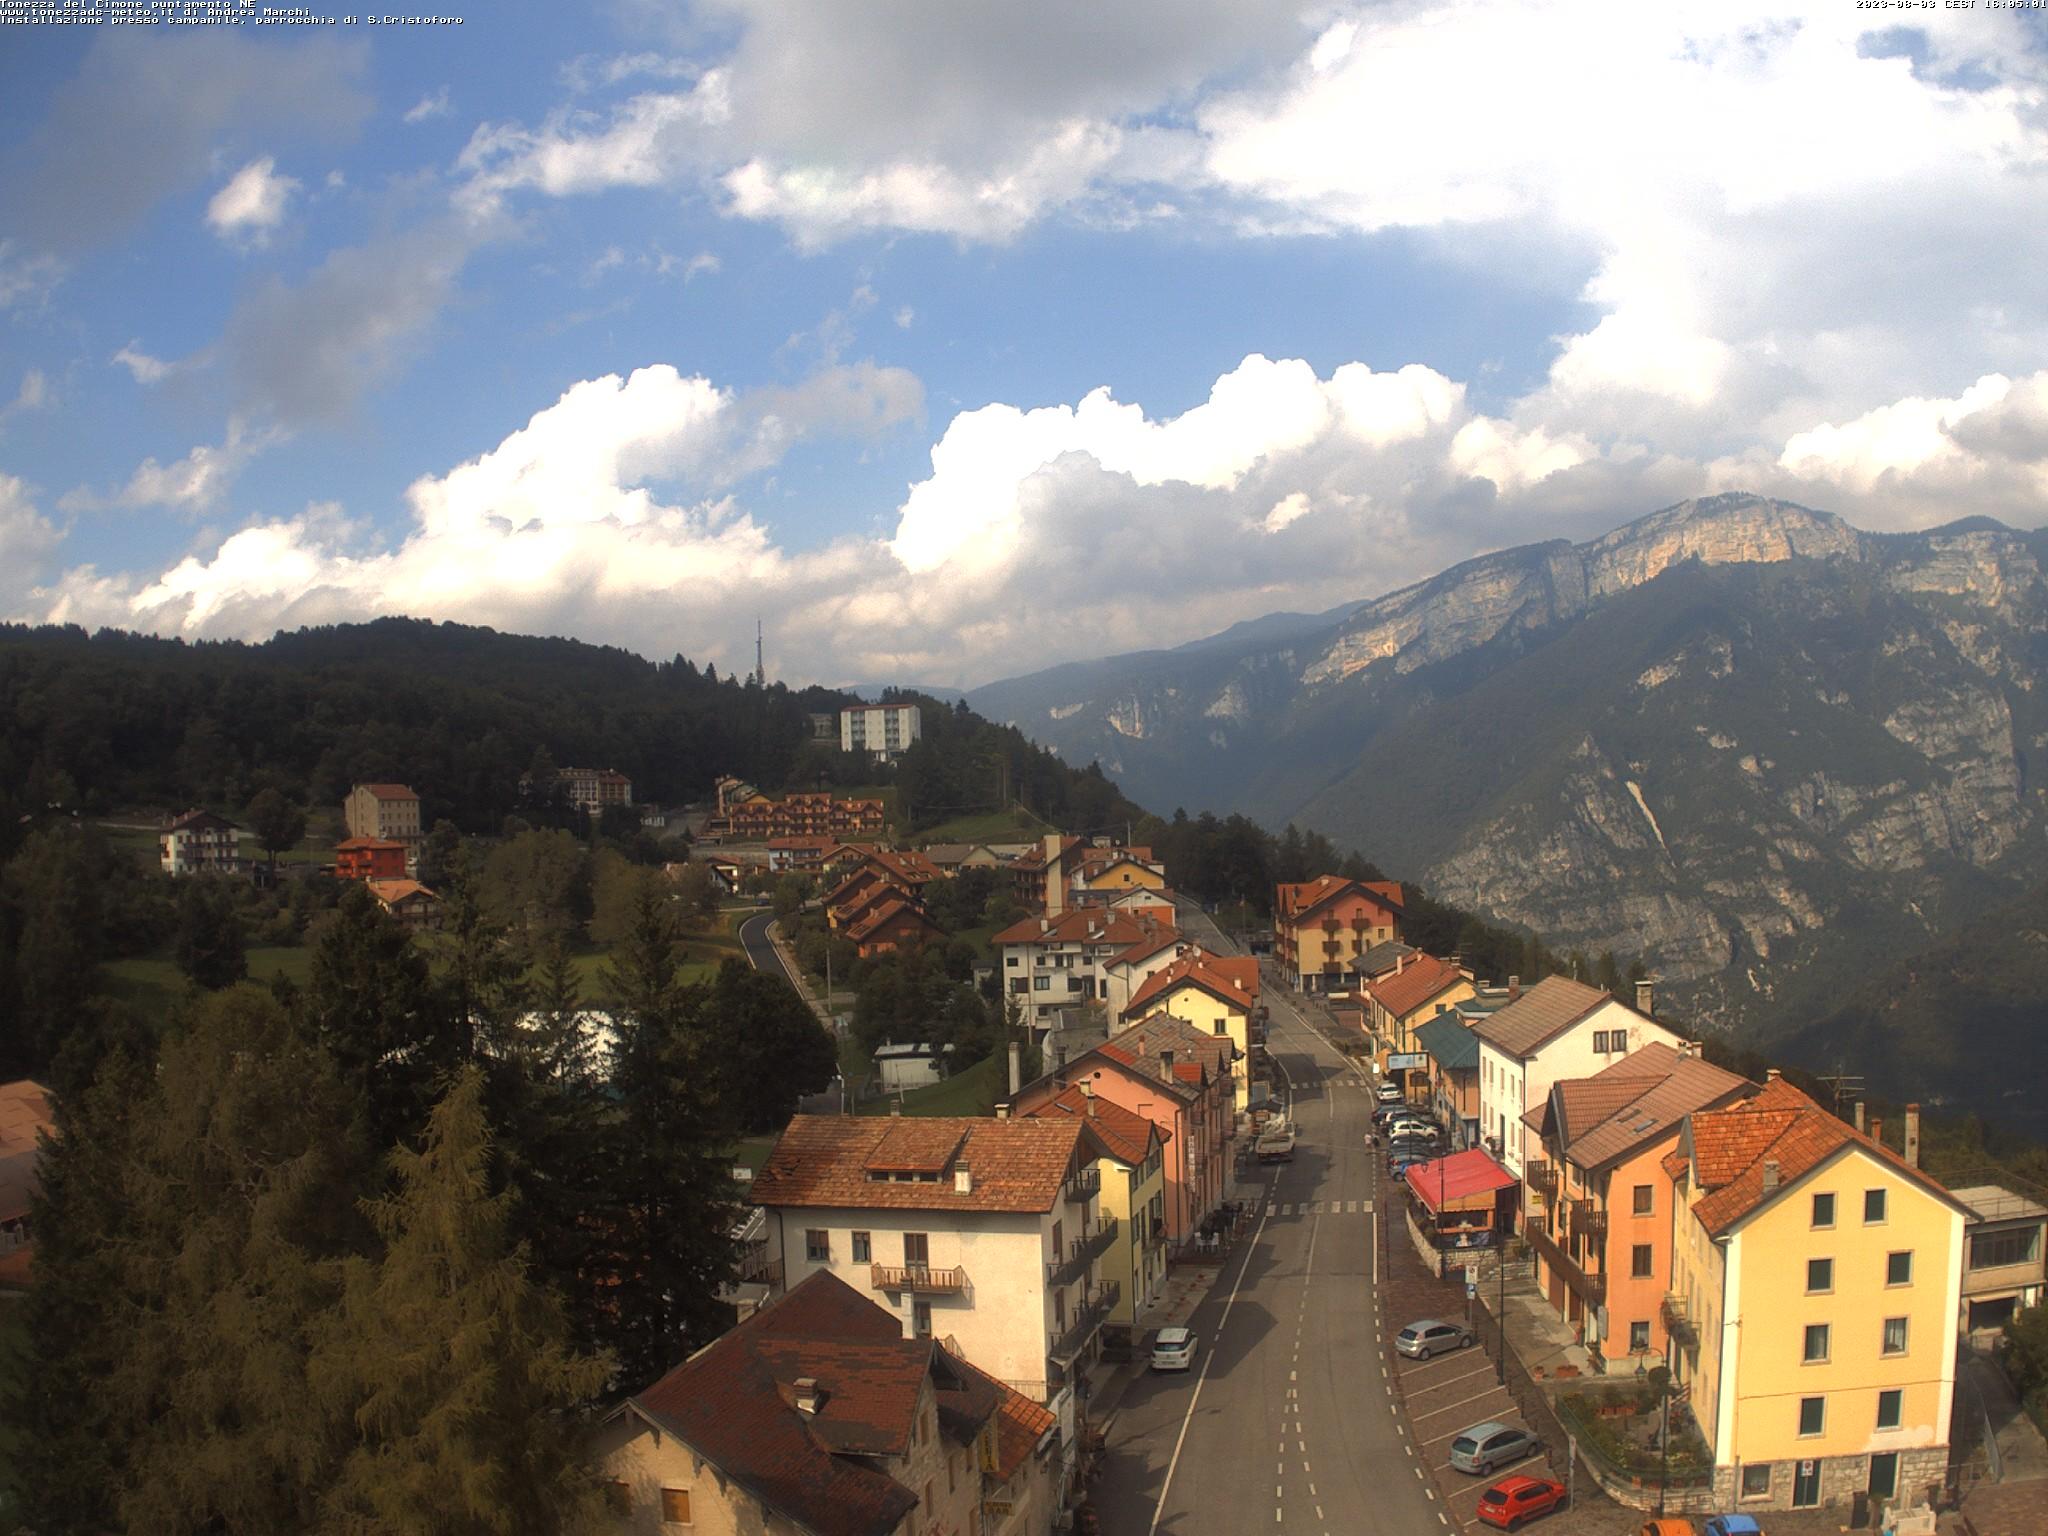 webcam campanile tonezza del cimone